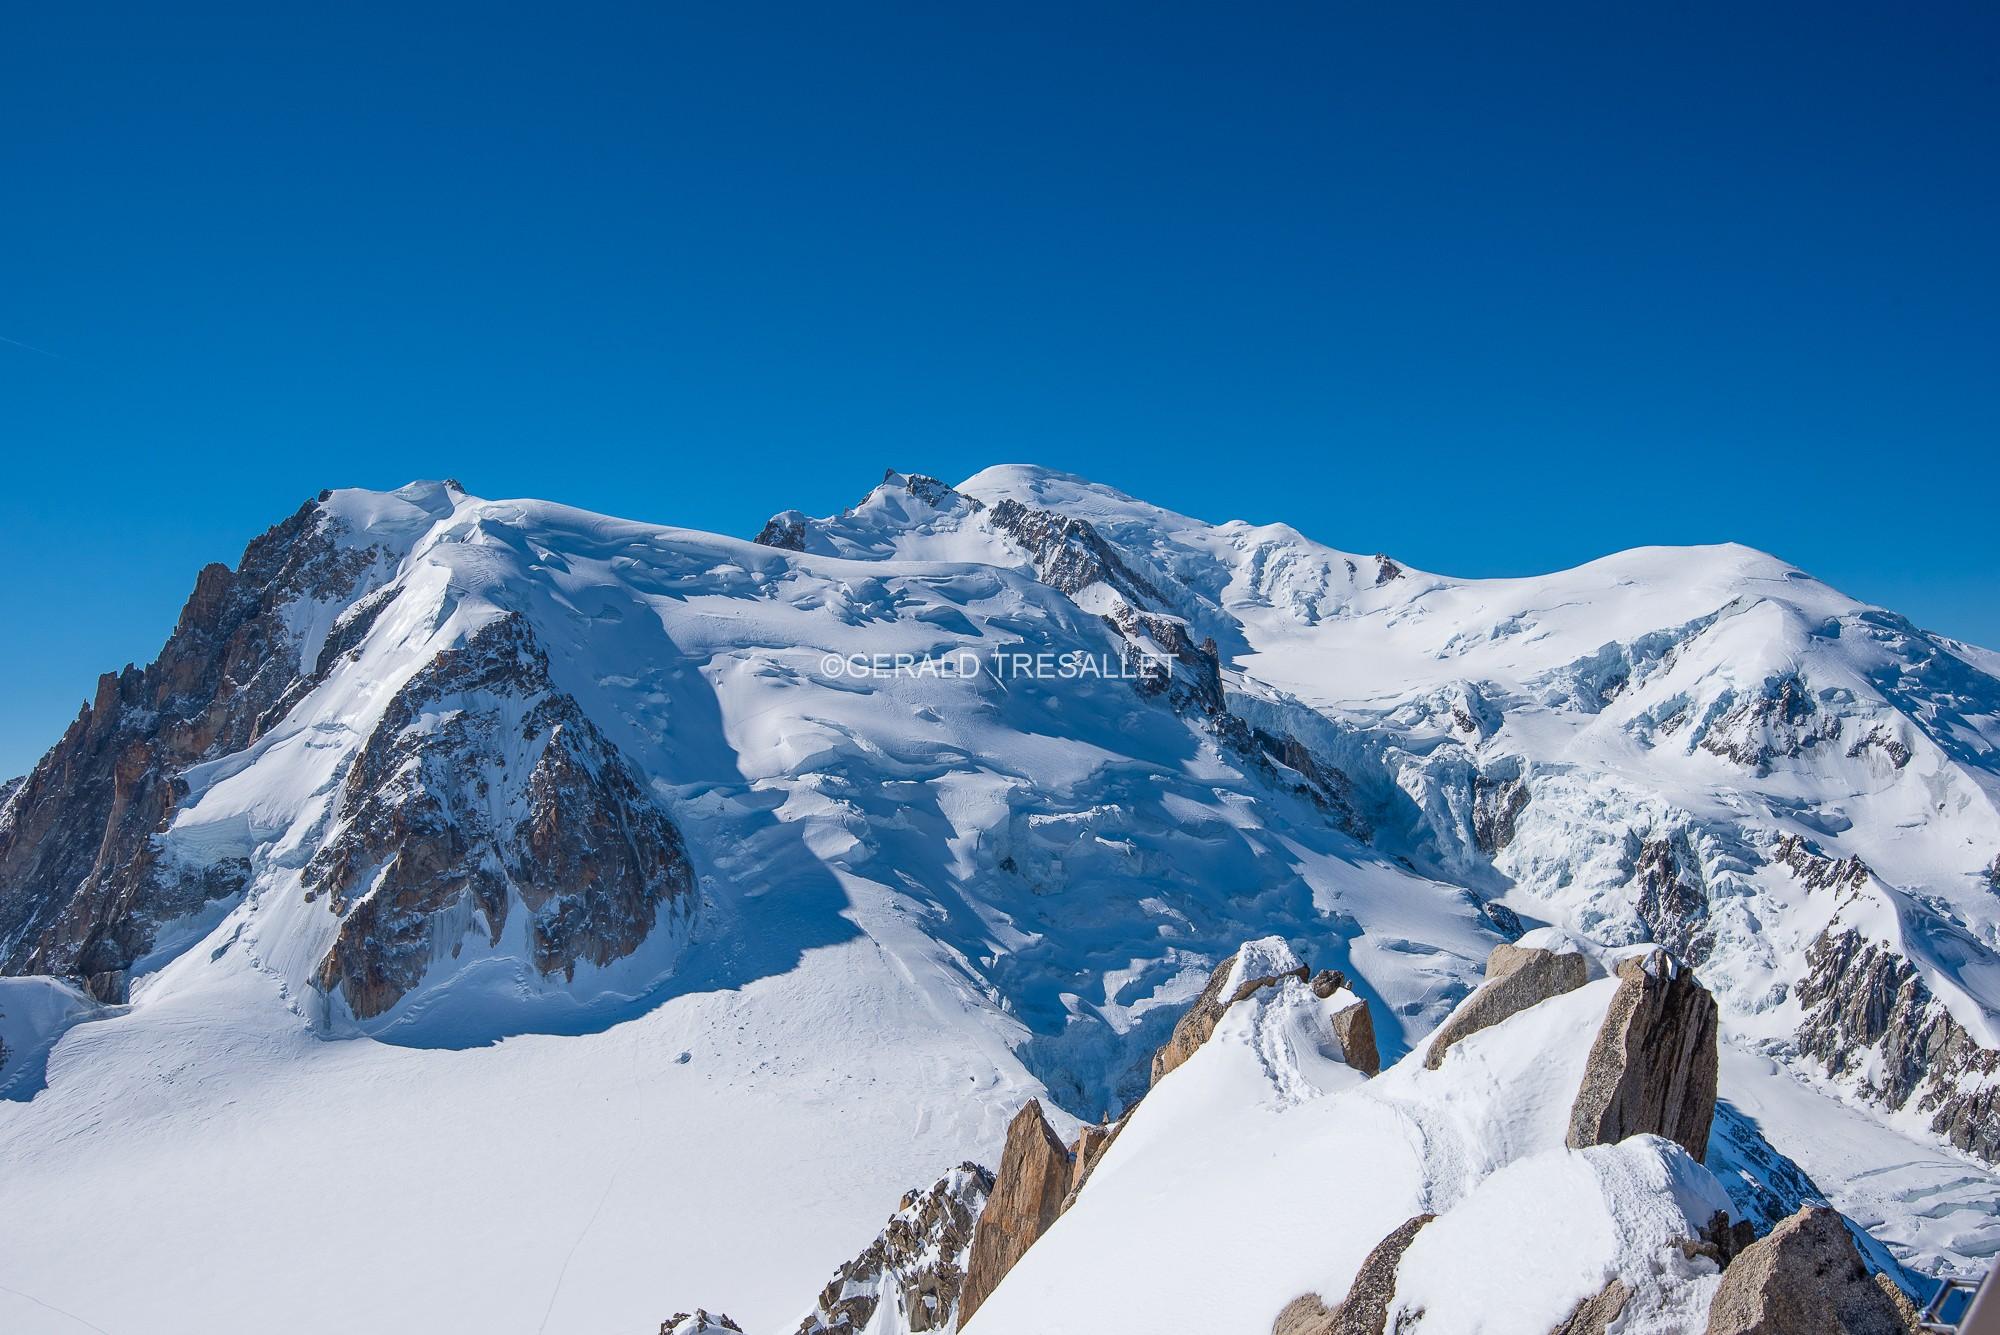 Sommet de l'Aiguille du Midi - Nik4007